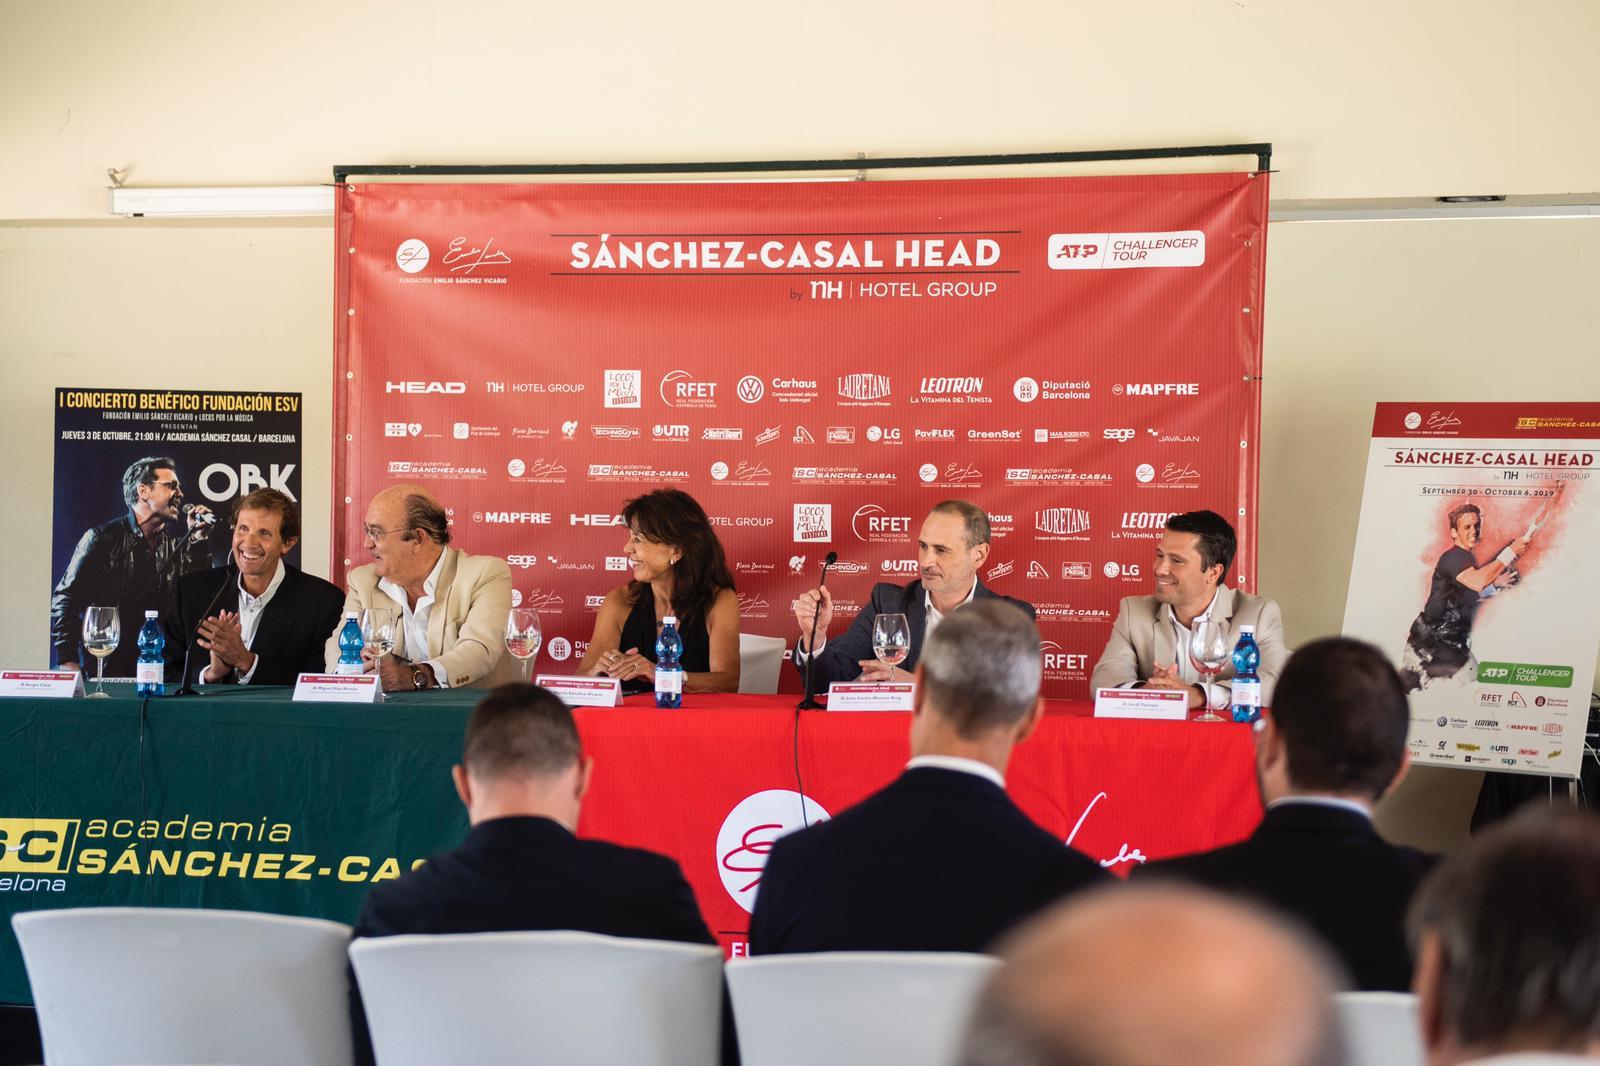 Image for II SÁNCHEZ-CASAL HEAD BY NH HOTEL GROUP, DEL ATP CHALLENGER TOUR ORGANIZADO POR FUNDACIÓNESV